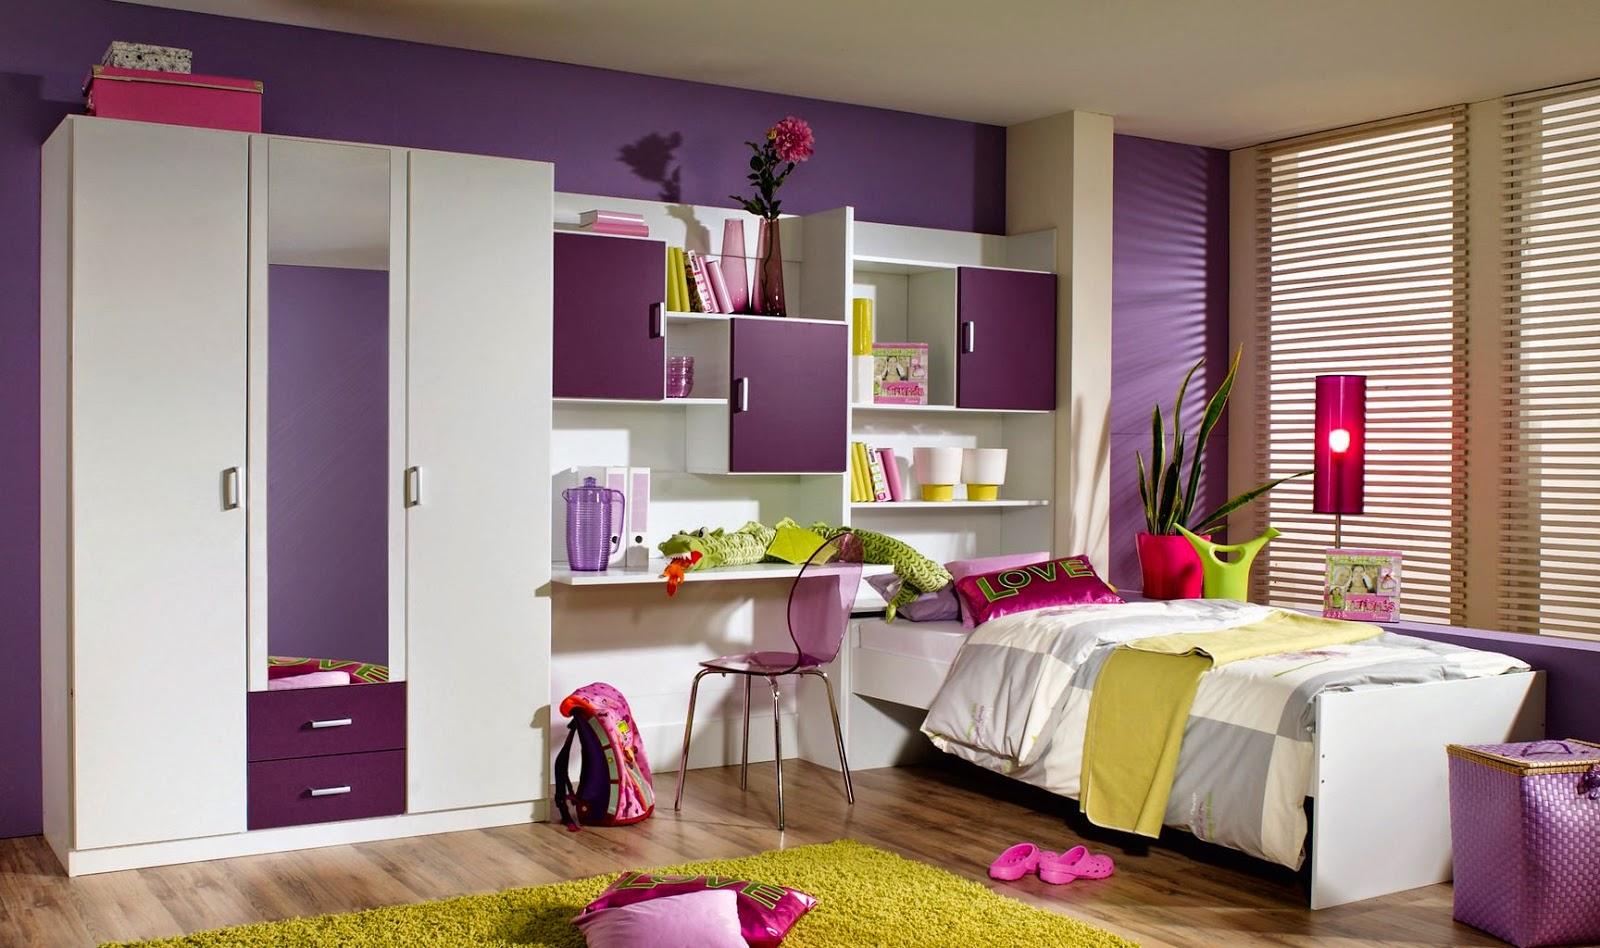 Дизайн комнаты для подростка фиолетовый